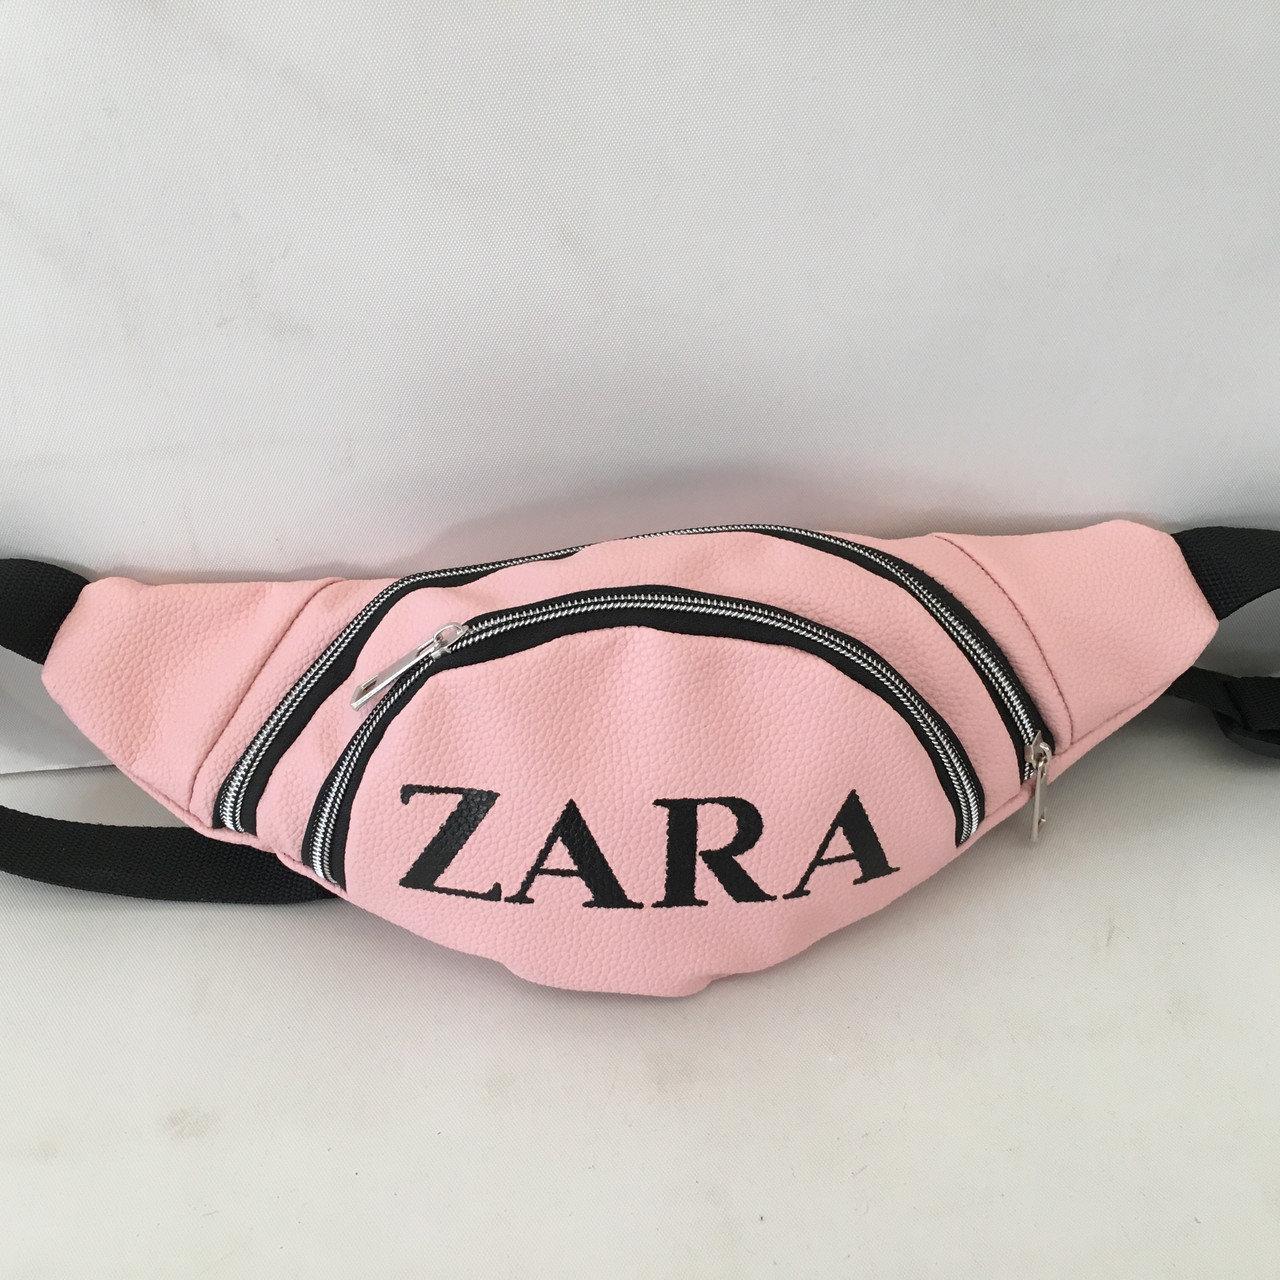 Бананка поясная сумка/ сумка на пояс женская ZARA экокожа.